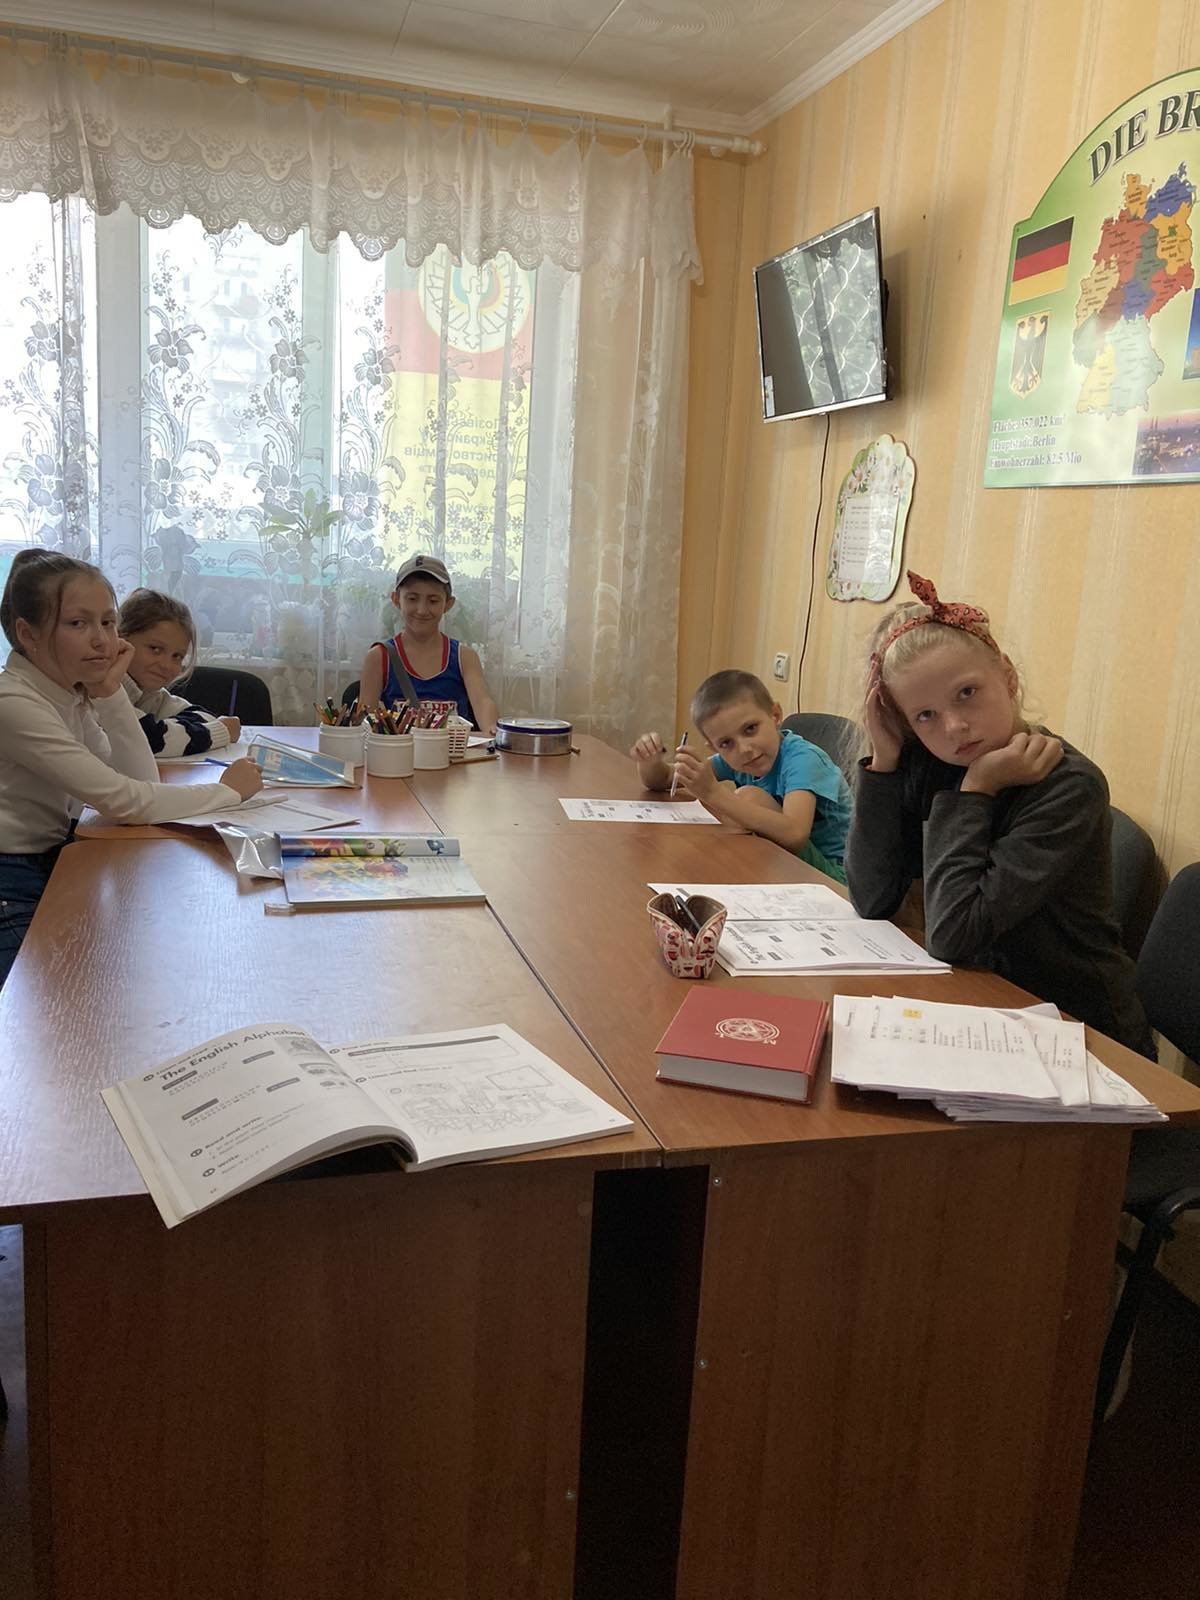 Развитие ребенка в Лозовой, помимо школы и детсада, фото-91